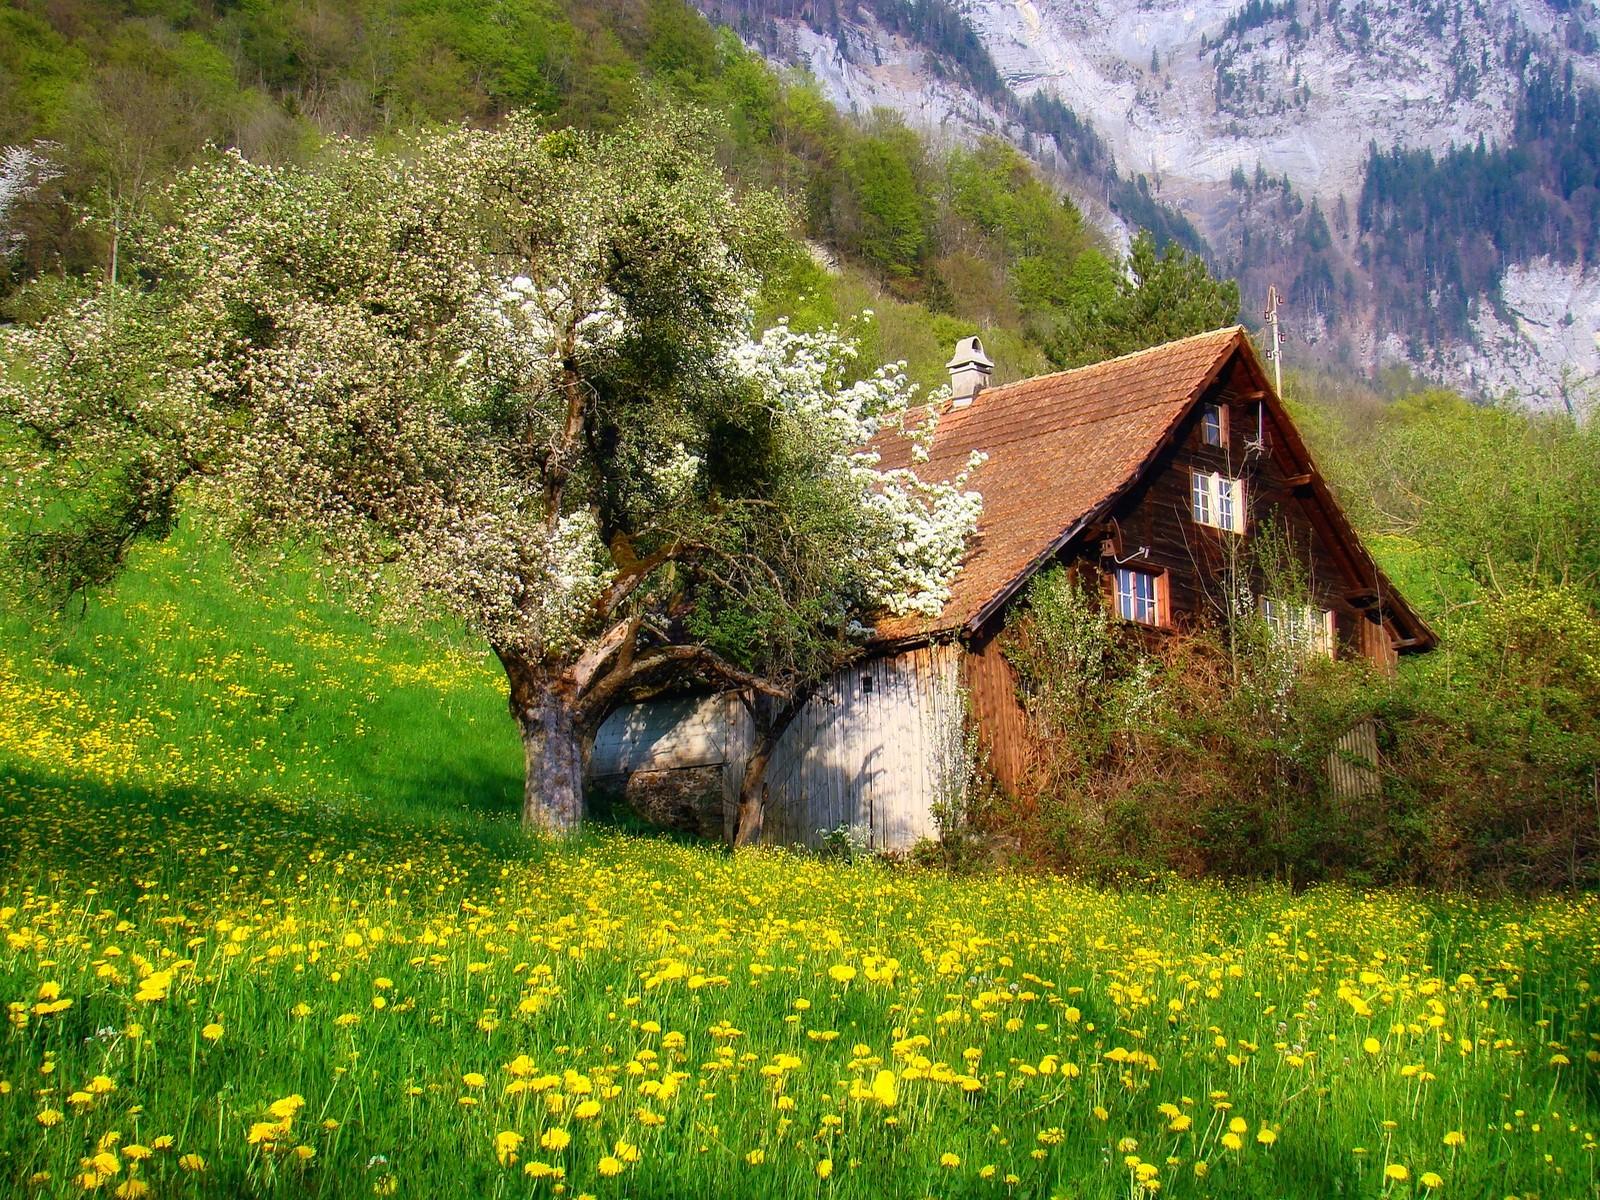 fond d 39 cran des arbres paysage montagnes fleurs la nature champ la photographie vert. Black Bedroom Furniture Sets. Home Design Ideas